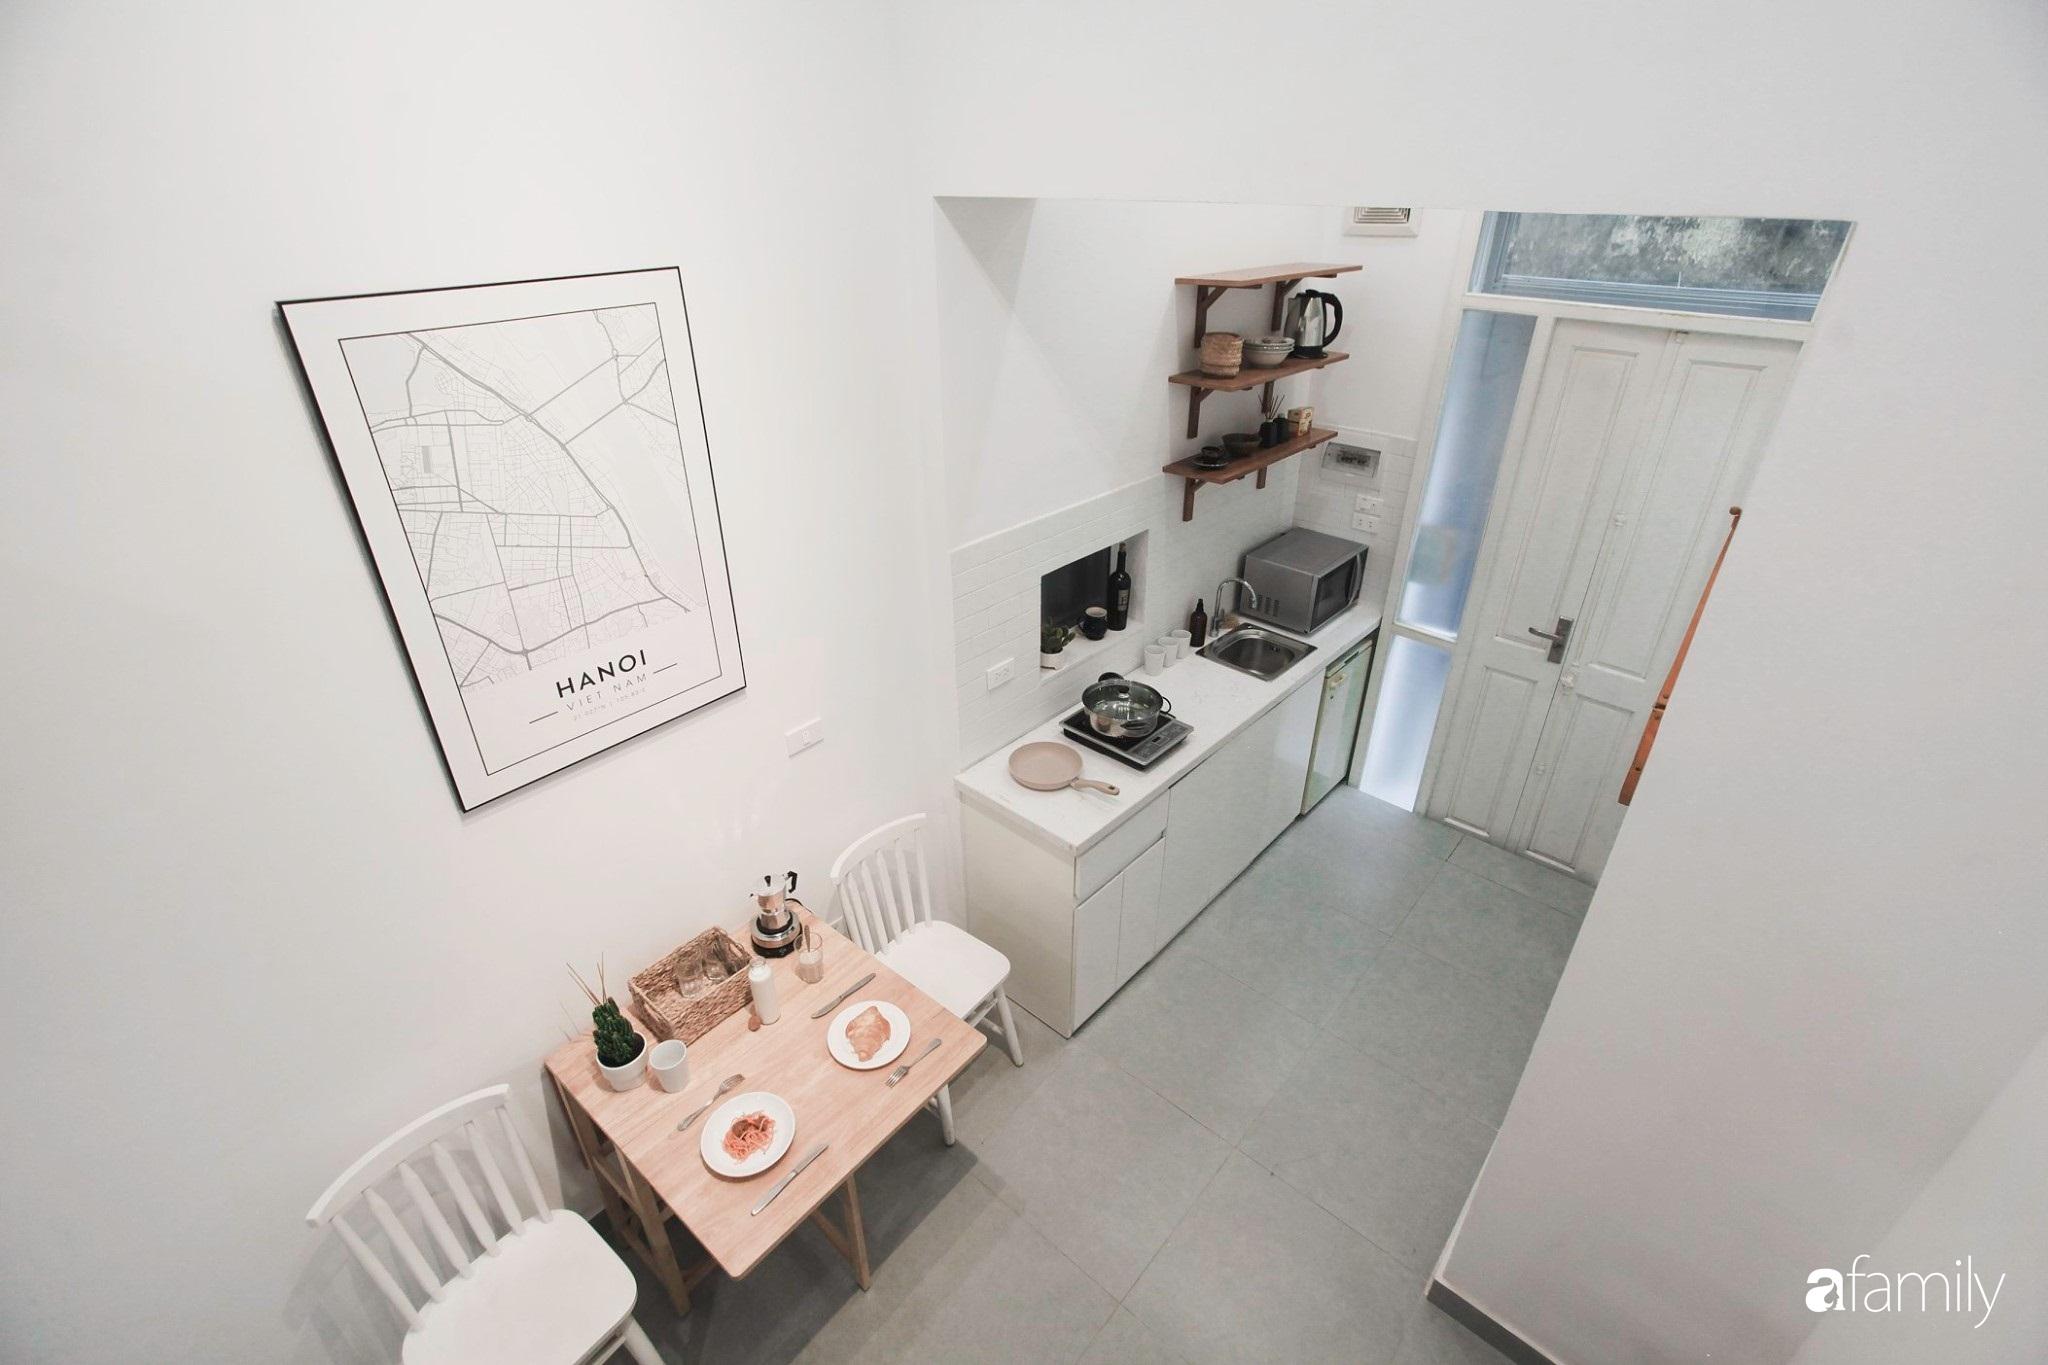 Bí quyết cải tạo nhà phố cổ trăm tuổi 16m² thành không gian tối giản với vẻ đẹp trẻ trung, tinh tế của chàng trai Hà Nội - Ảnh 8.